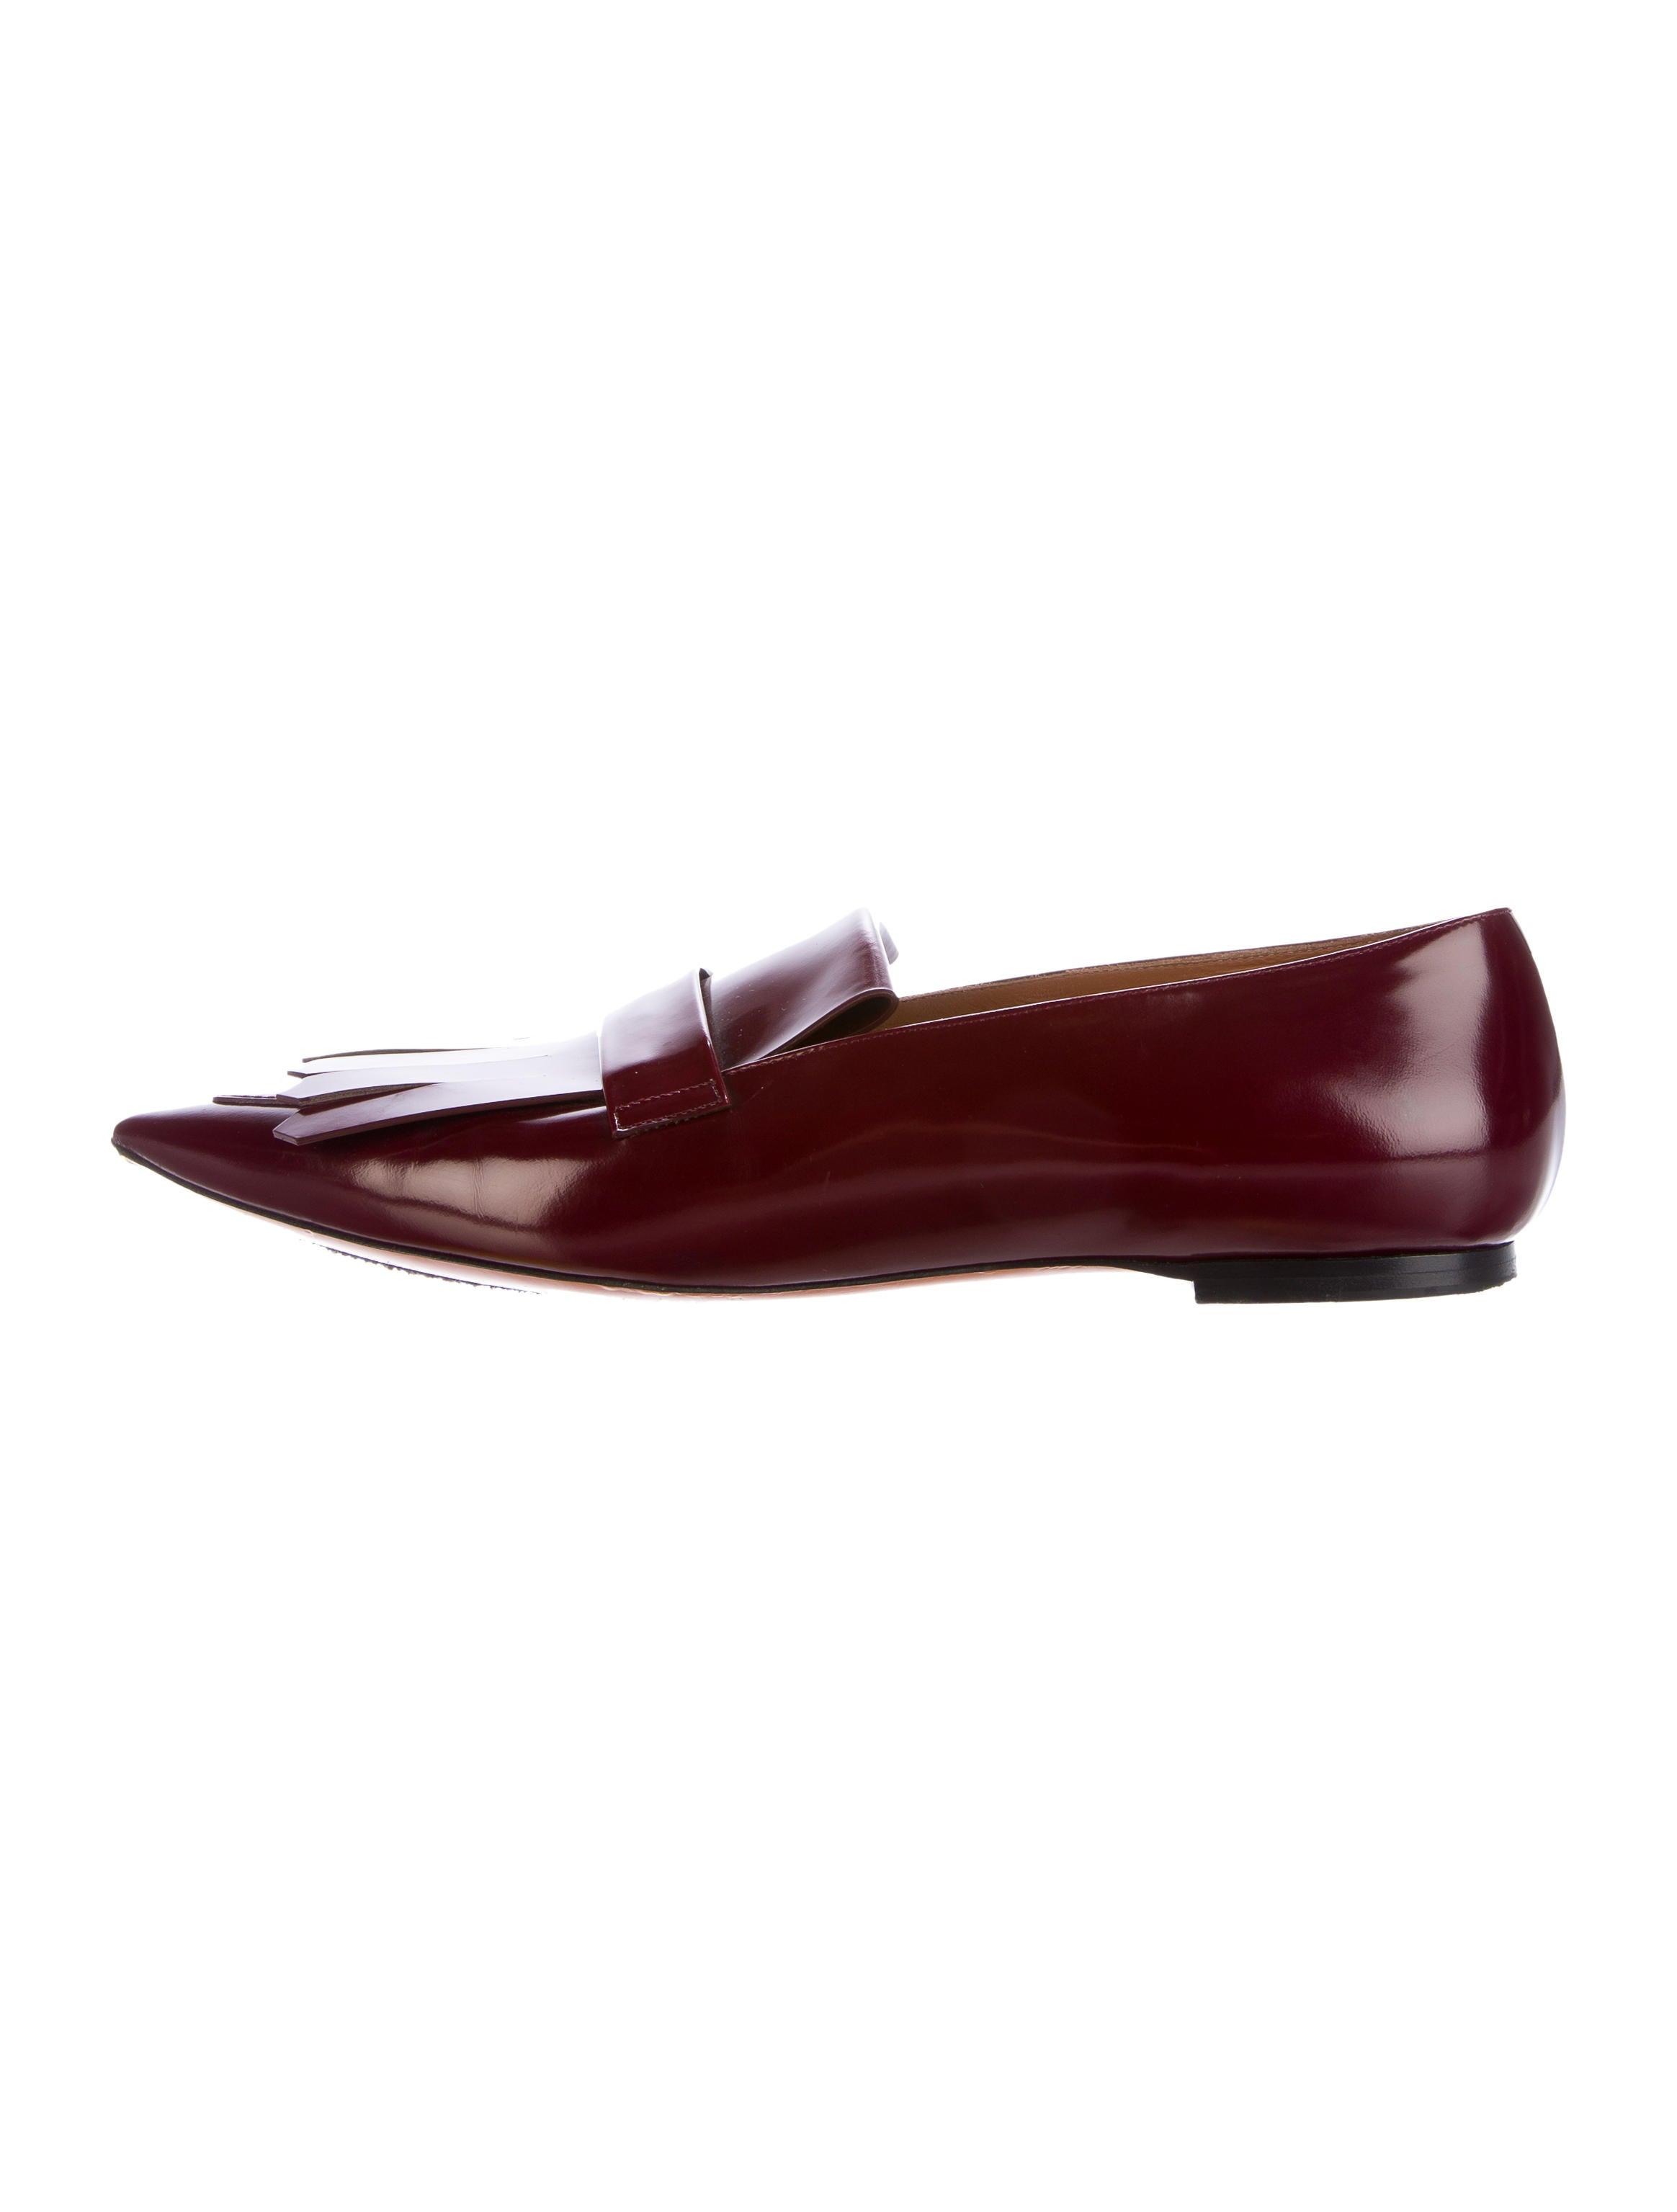 outlet 2014 largest supplier sale online Céline Kiltie Leather Loafers largest supplier cheap sale explore discount finishline 8FmgJ